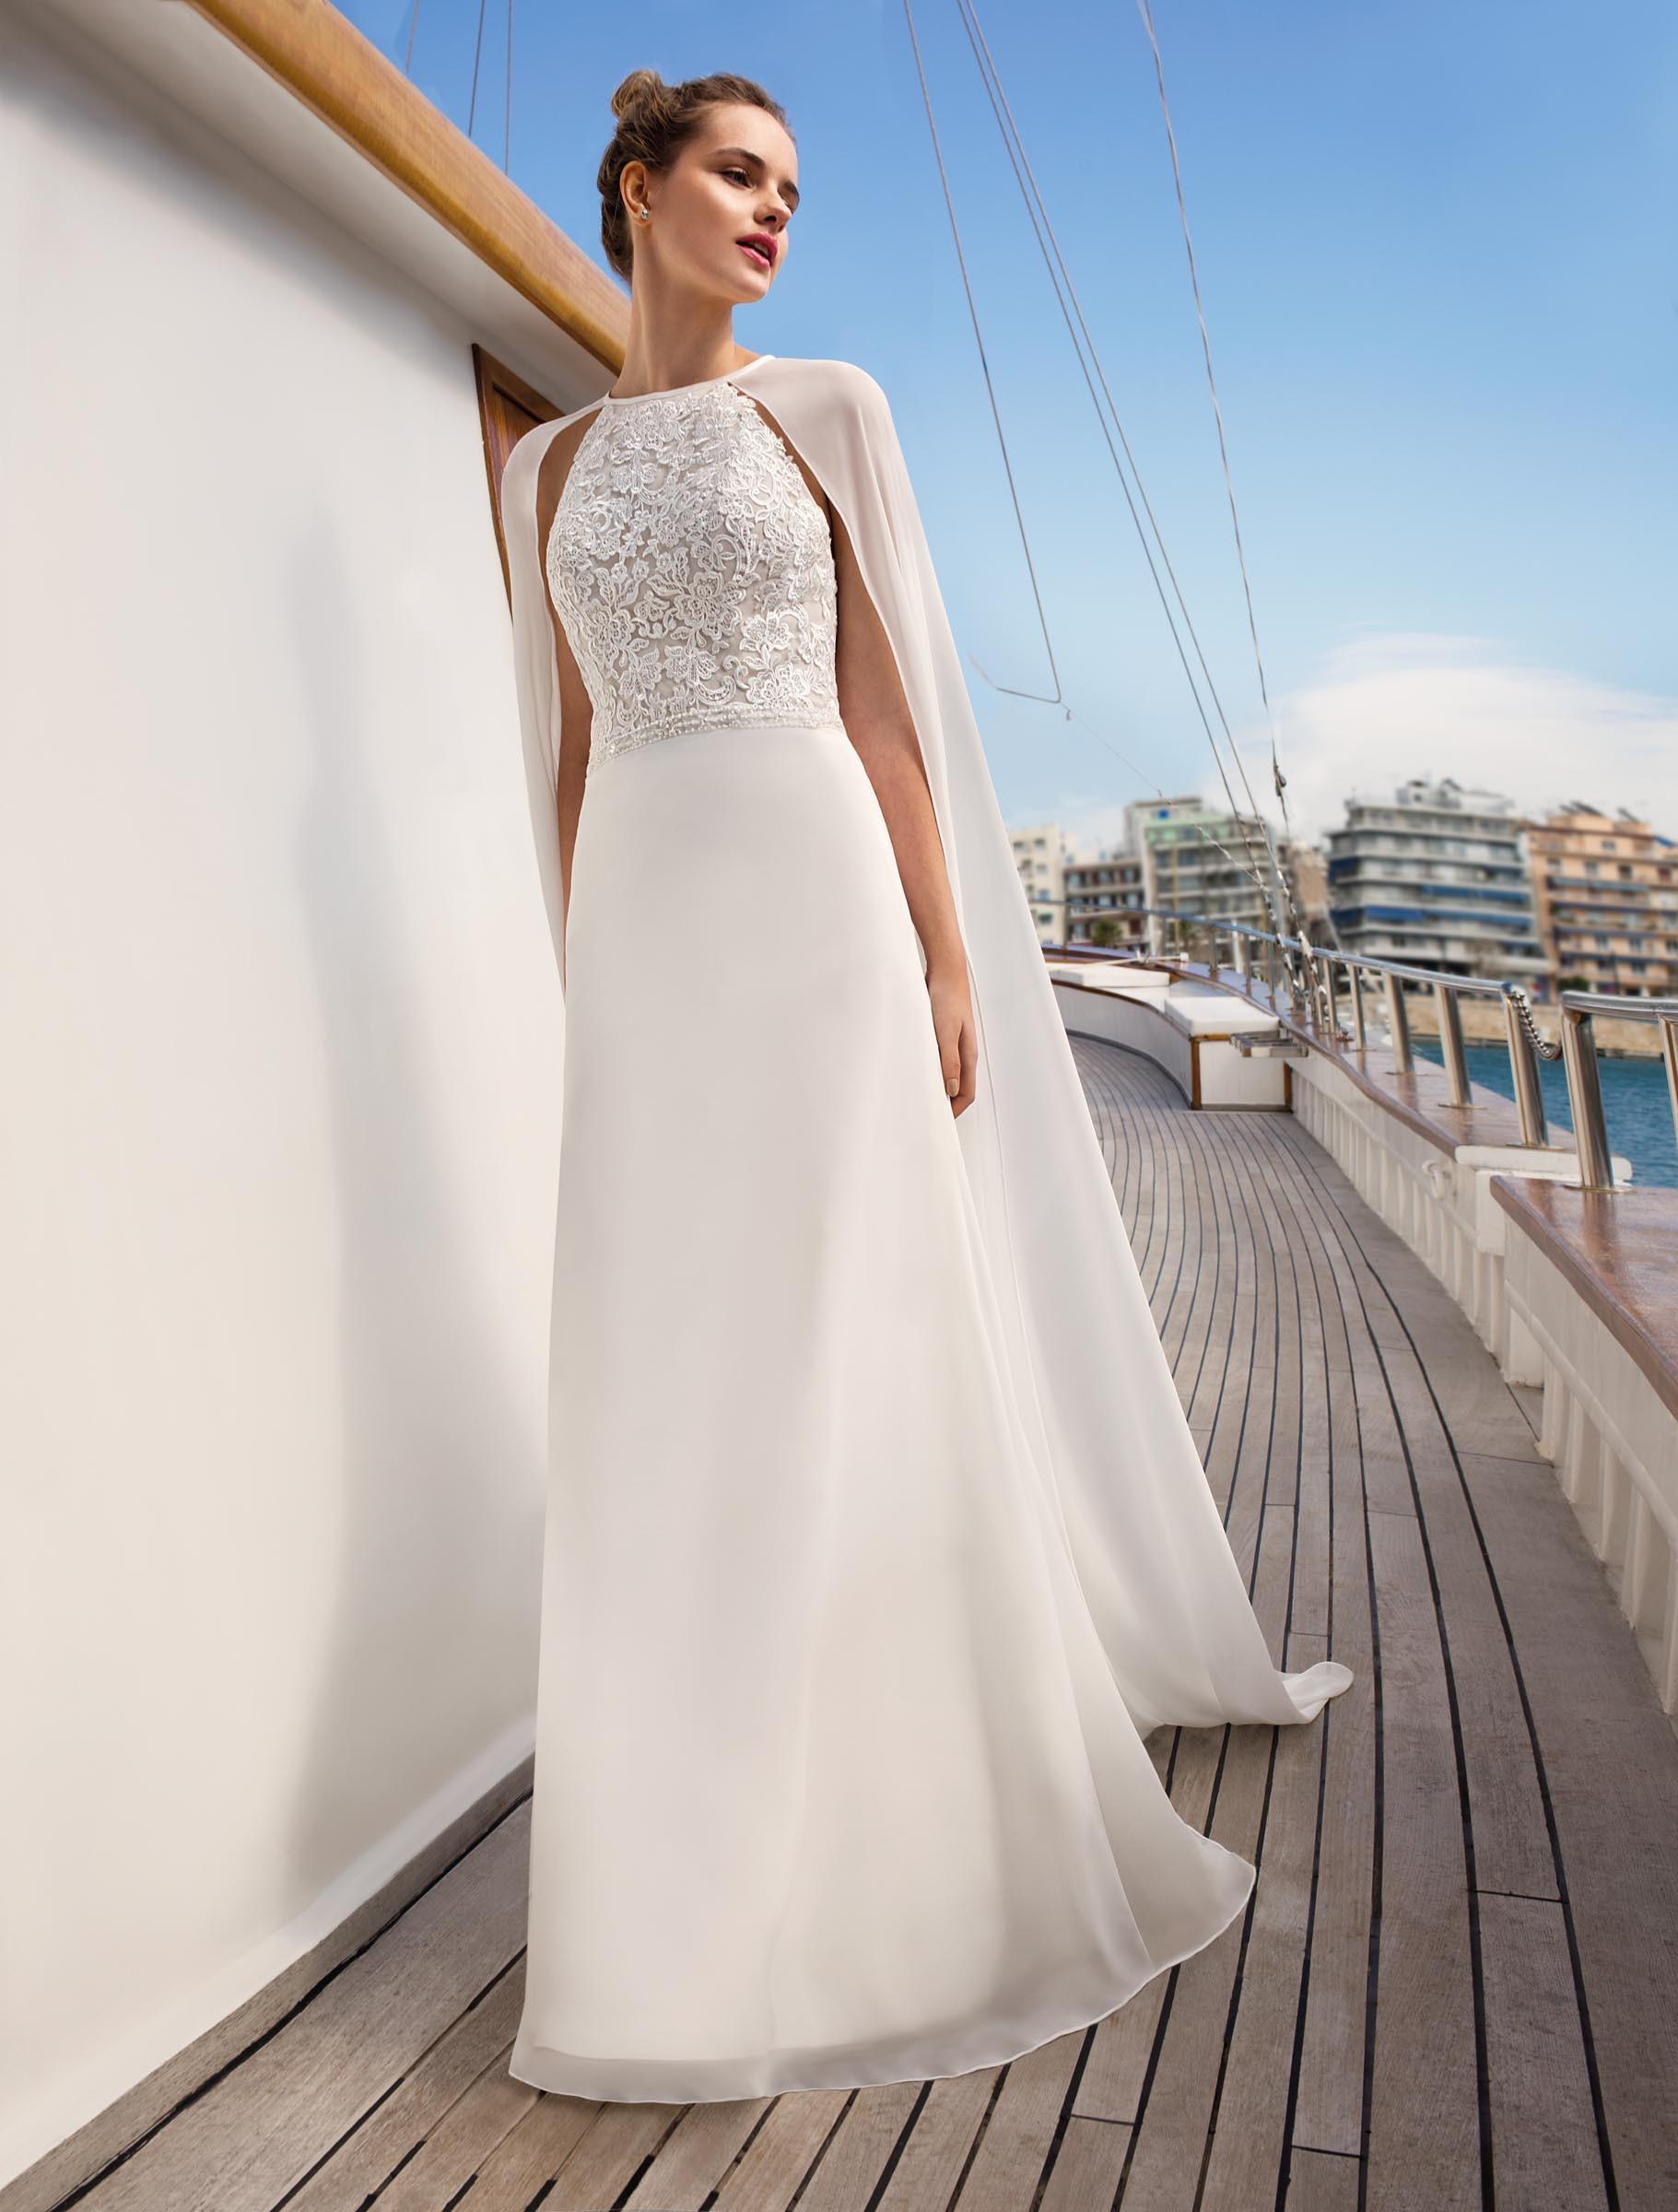 Brautkleider | Die Schönsten Kleider & Trends 2019 Entdecken ❤